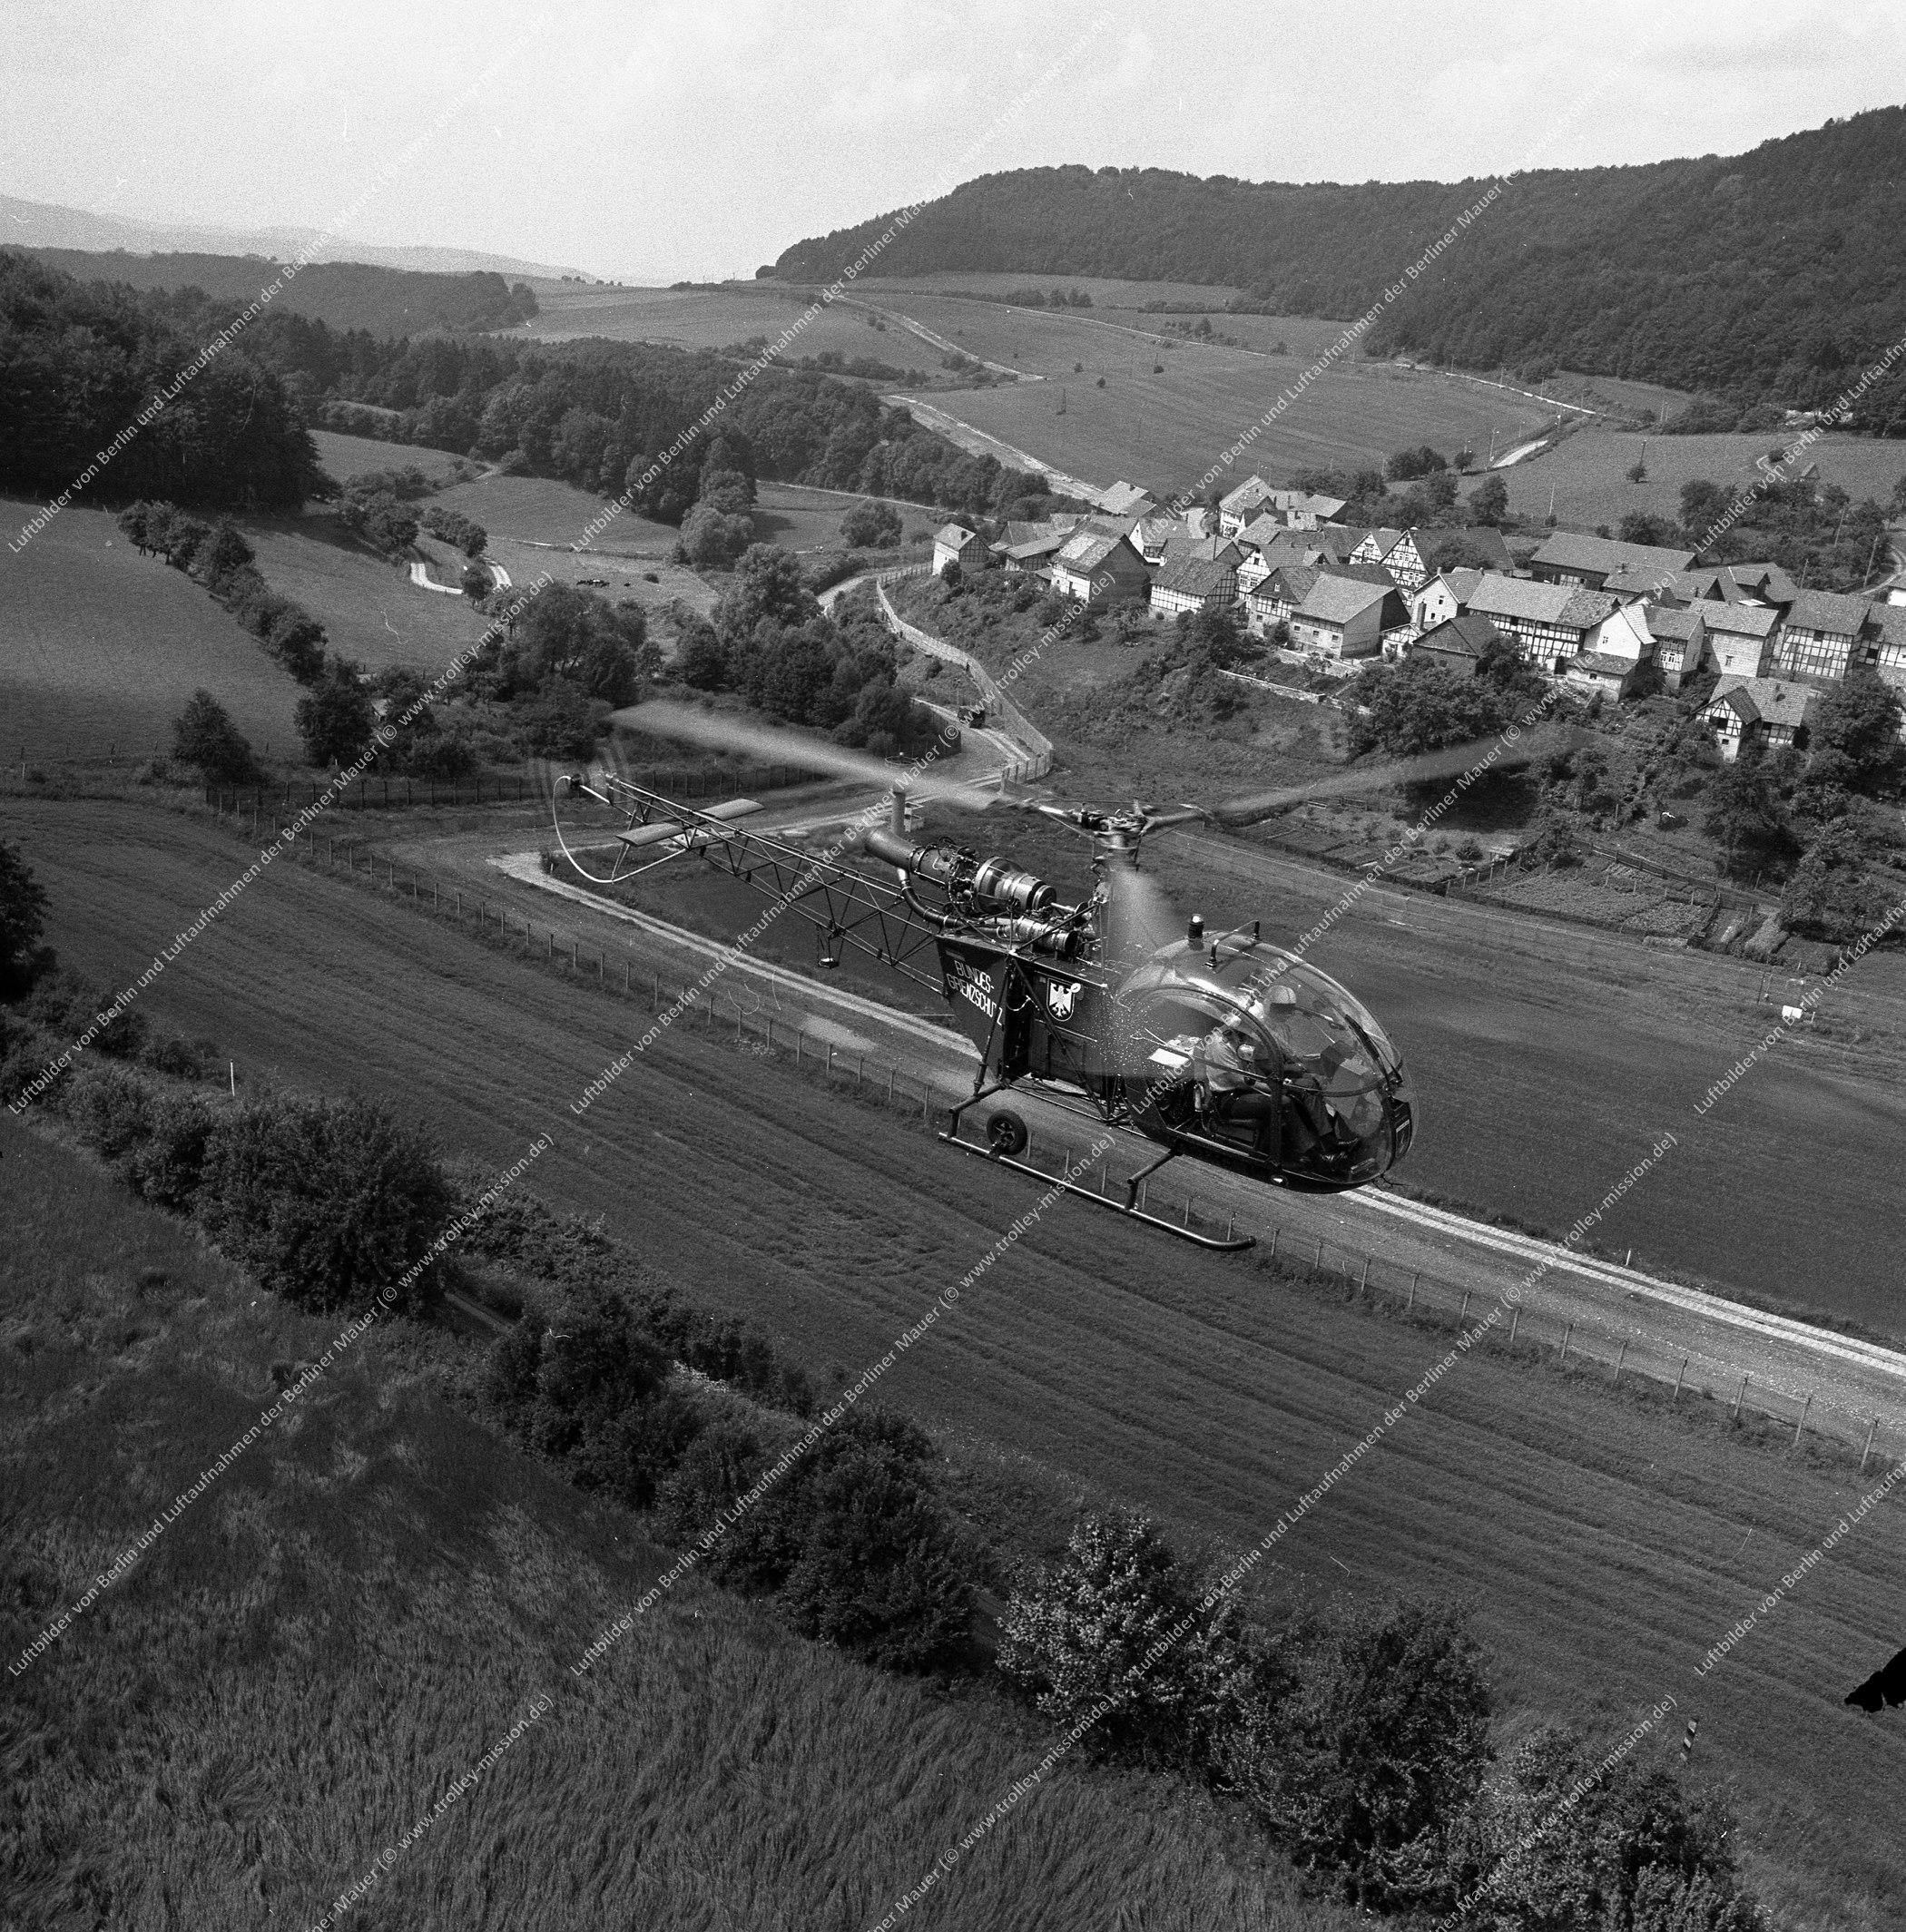 Vermutlich innerdeutsche Grenze (BRD/DDR) Hubschrauber und Bundesgrenzschutz (Bild 115)